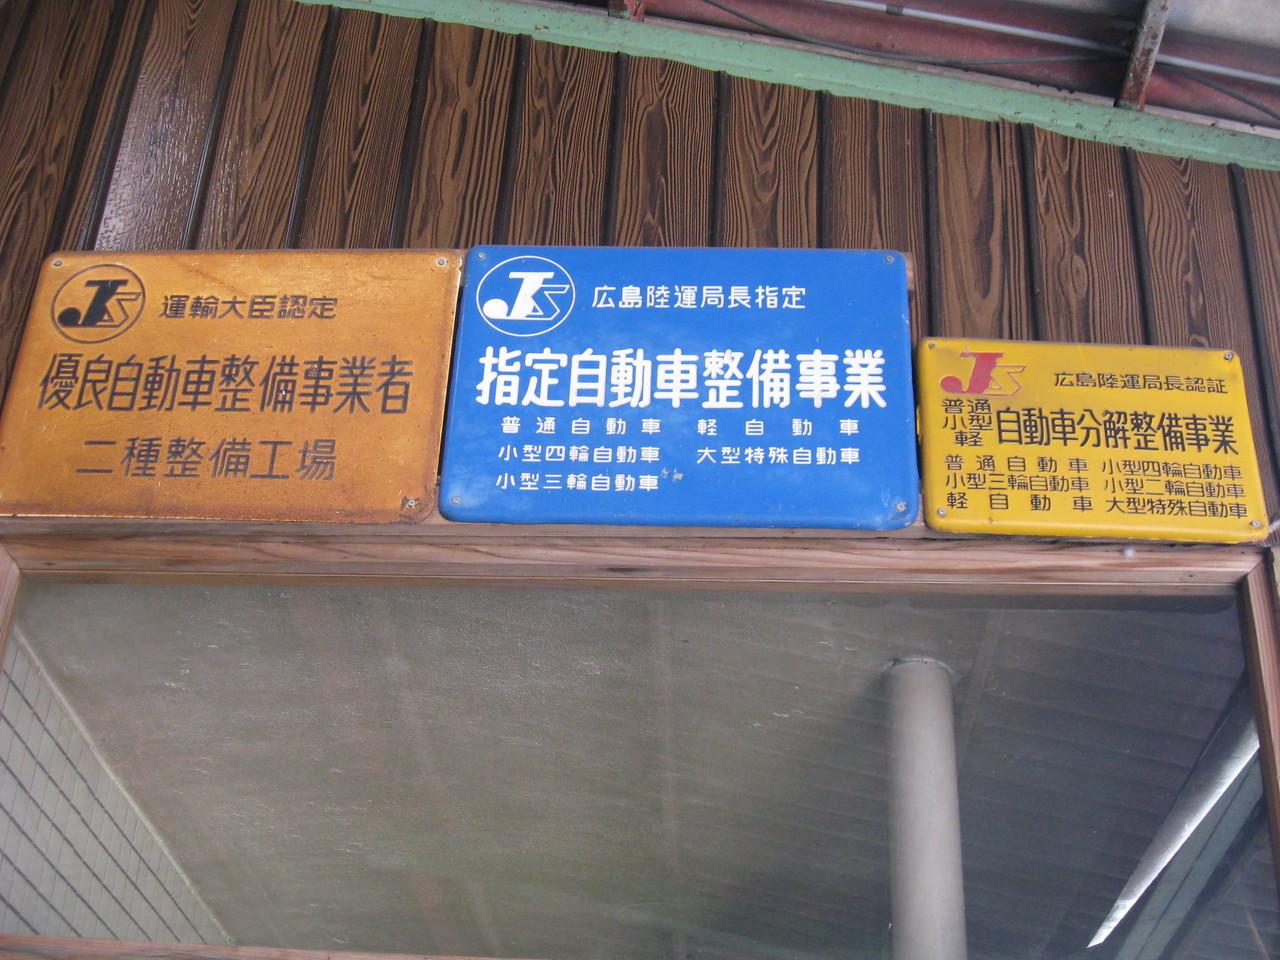 中国運輸局の指定工場です